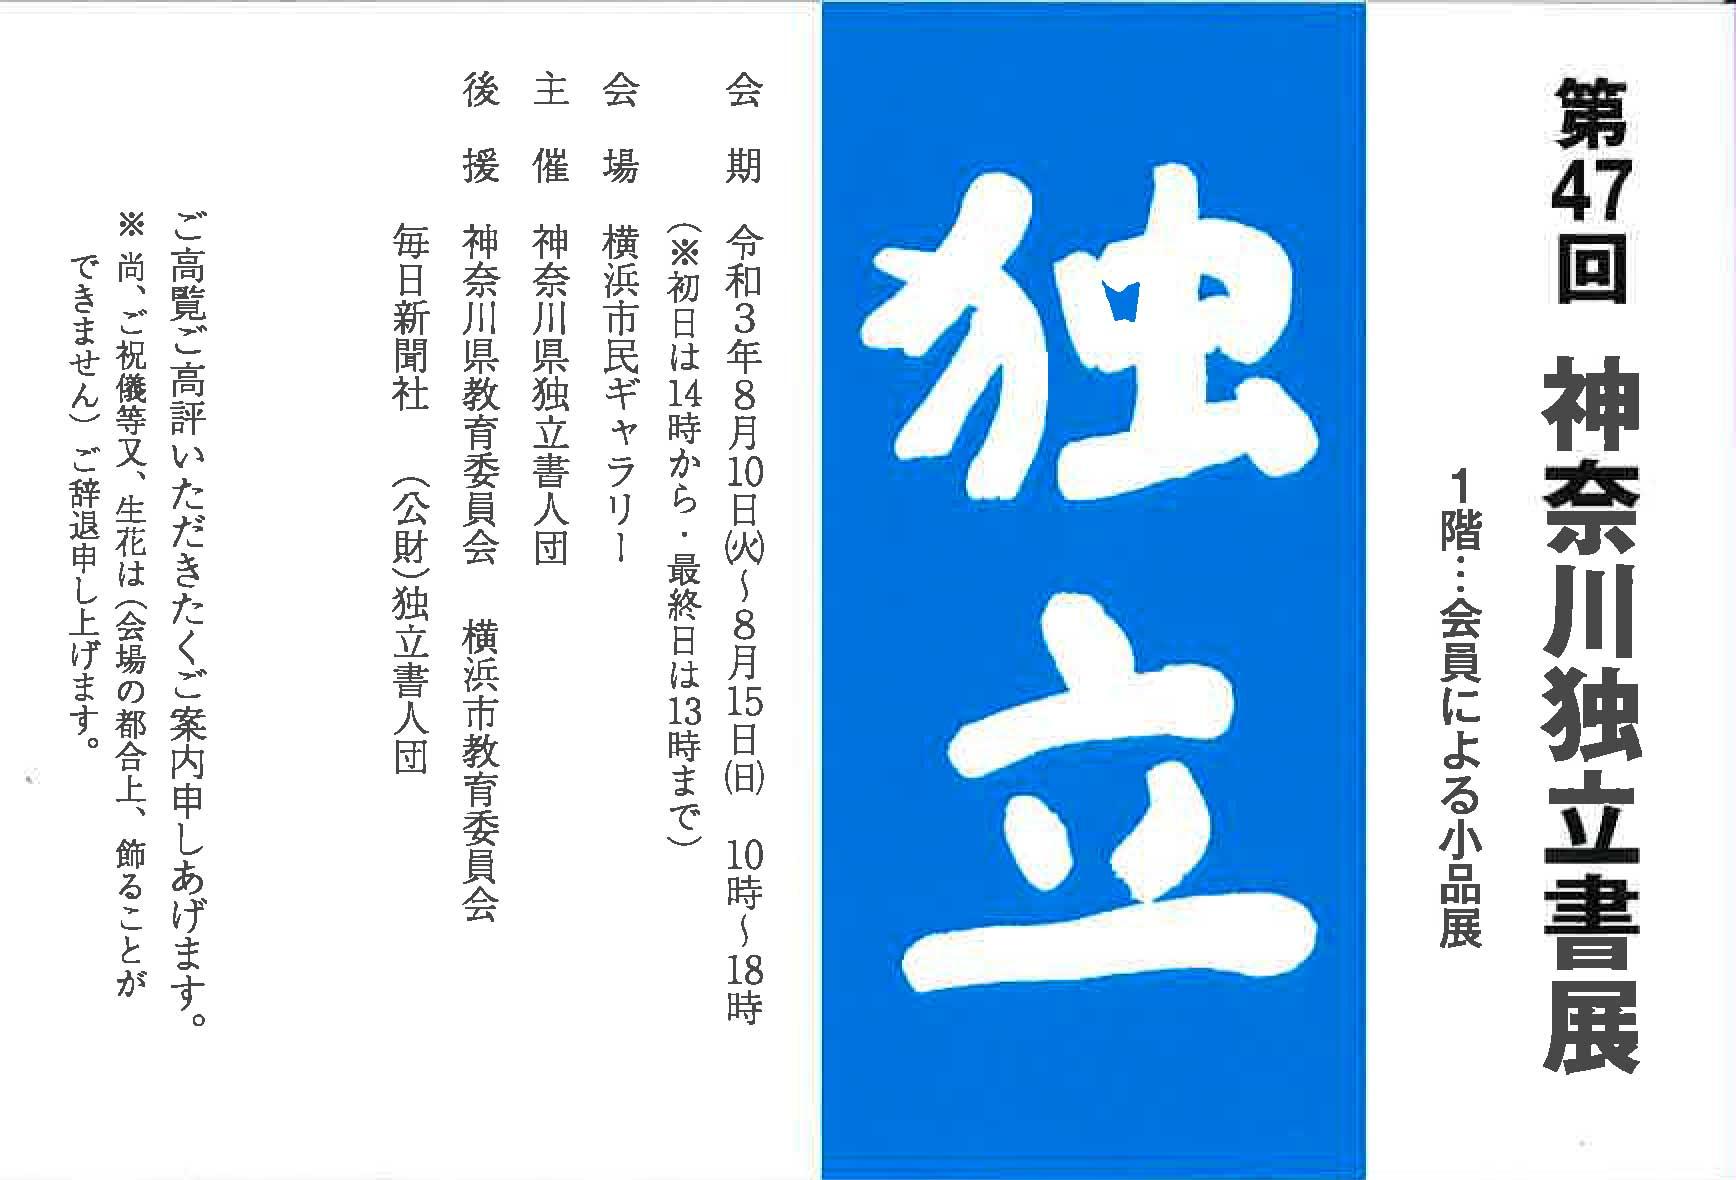 【展覧会情報】第47回 神奈川県独立書展